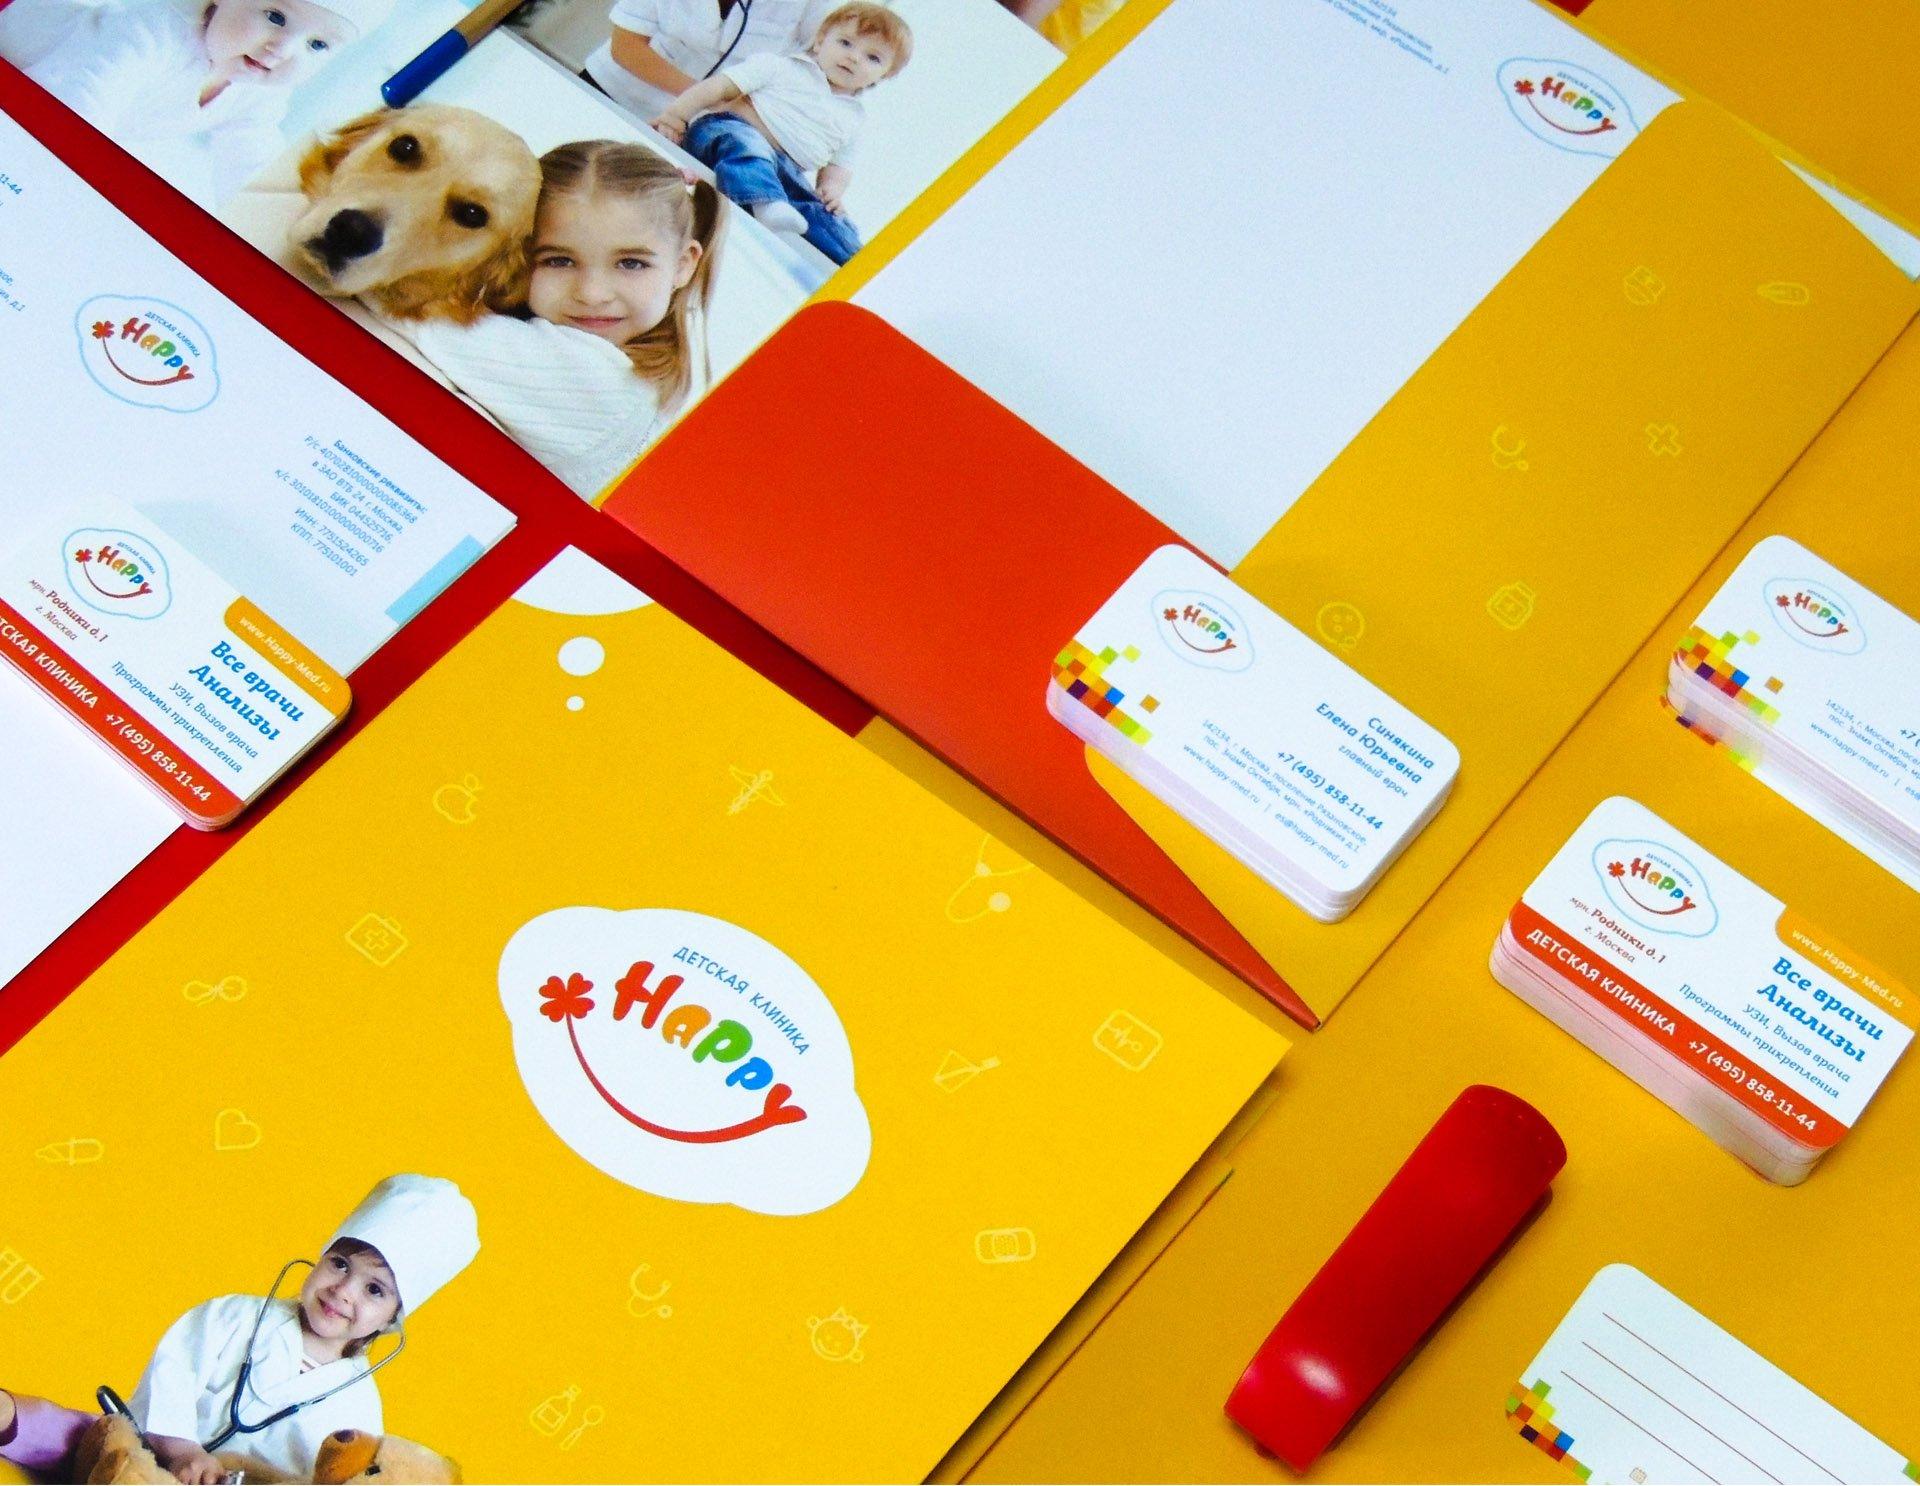 Фирменный стиль для детского медицинского центра Москва